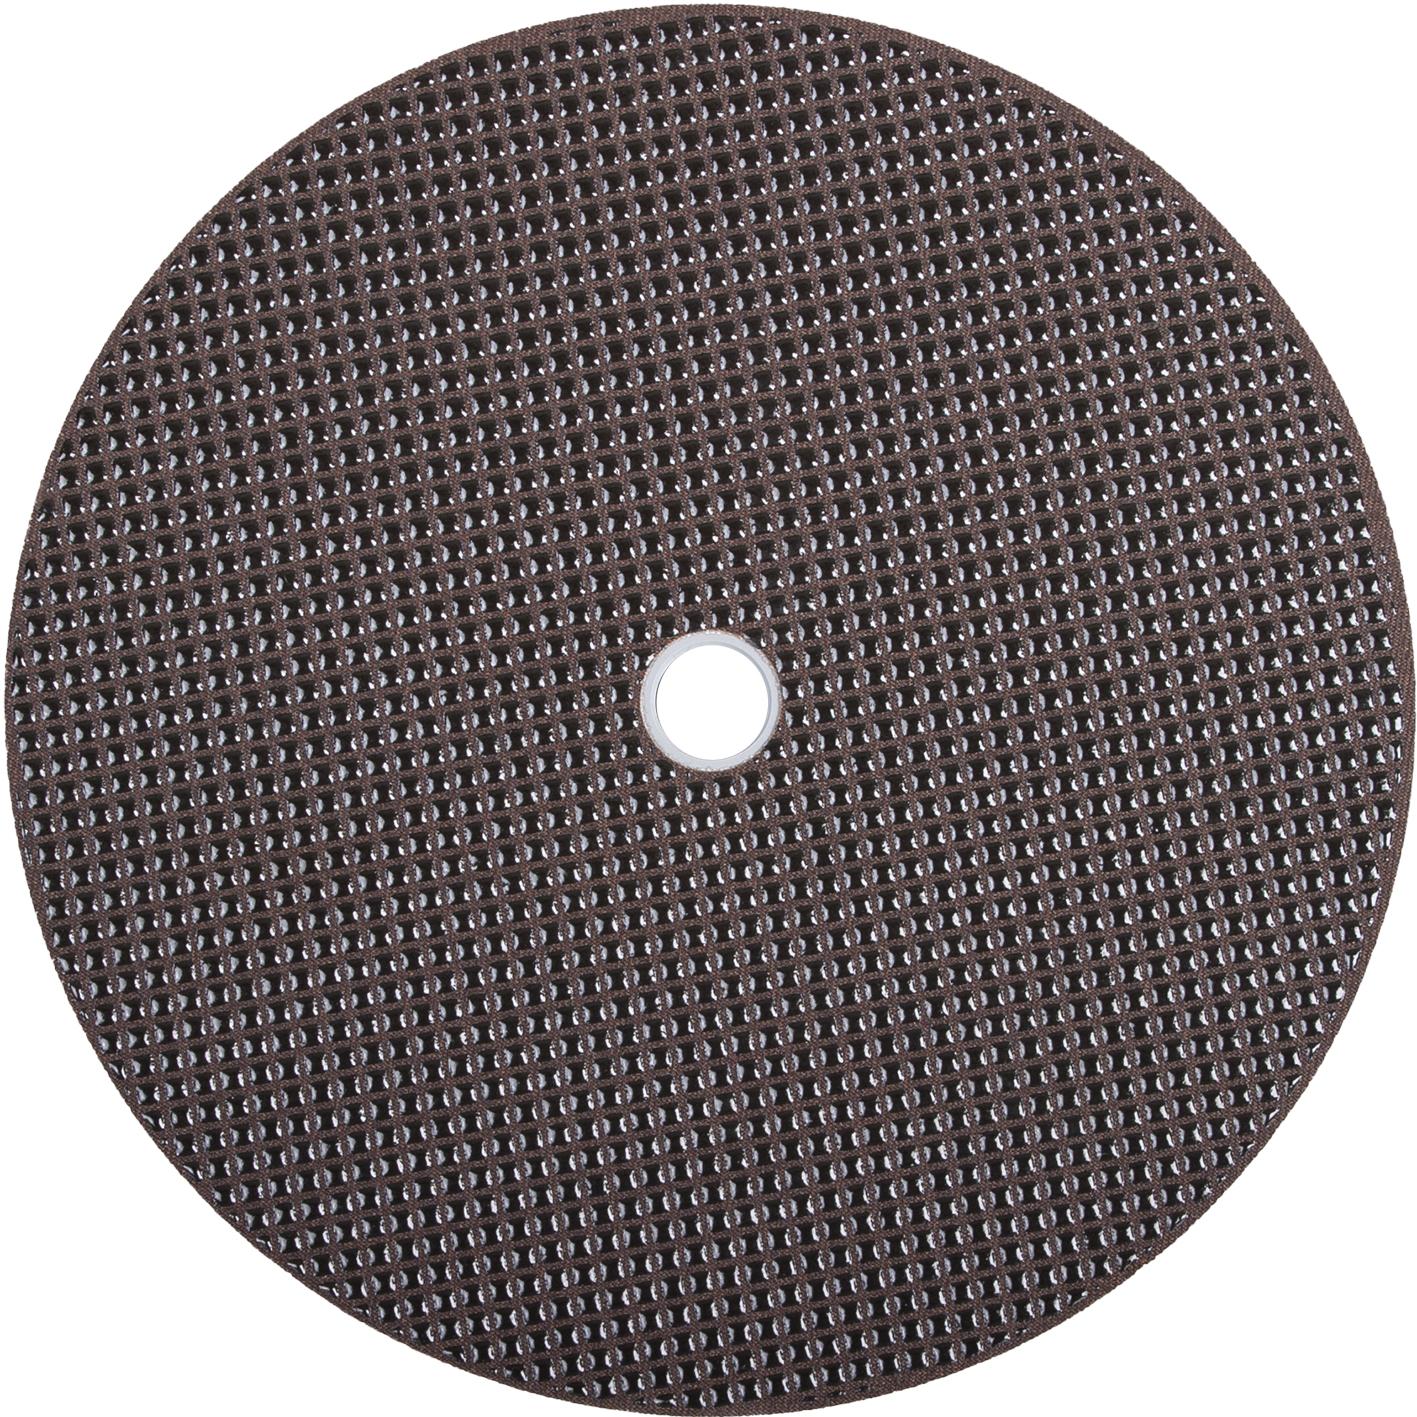 Diamantschleifteller OCTRON ø 250 mm │ Klett │ Korn 5000